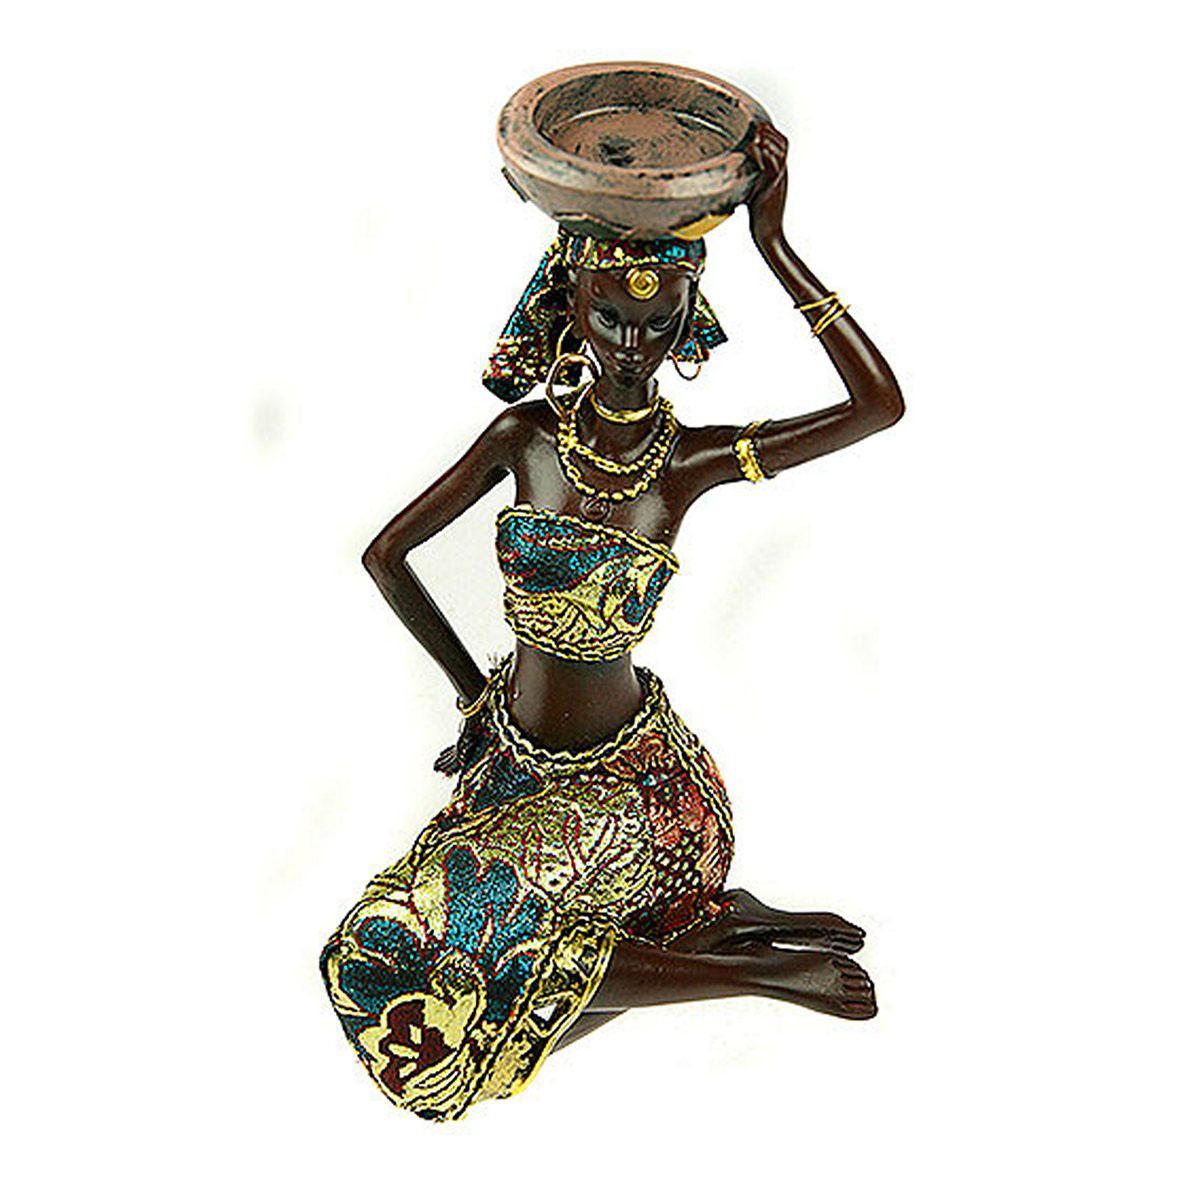 Статуэтка Русские Подарки Африканка, 14 х 15 х 22 см12723Статуэтка Русские Подарки Африканка, изготовленная из полистоуна, имеет изысканный внешний вид. Изделие станет прекрасным украшением интерьера гостиной, офиса или дома. Вы можете поставить статуэтку в любое место, где она будет удачно смотреться и радовать глаз. Правила ухода: регулярно вытирать пыль сухой, мягкой тканью.